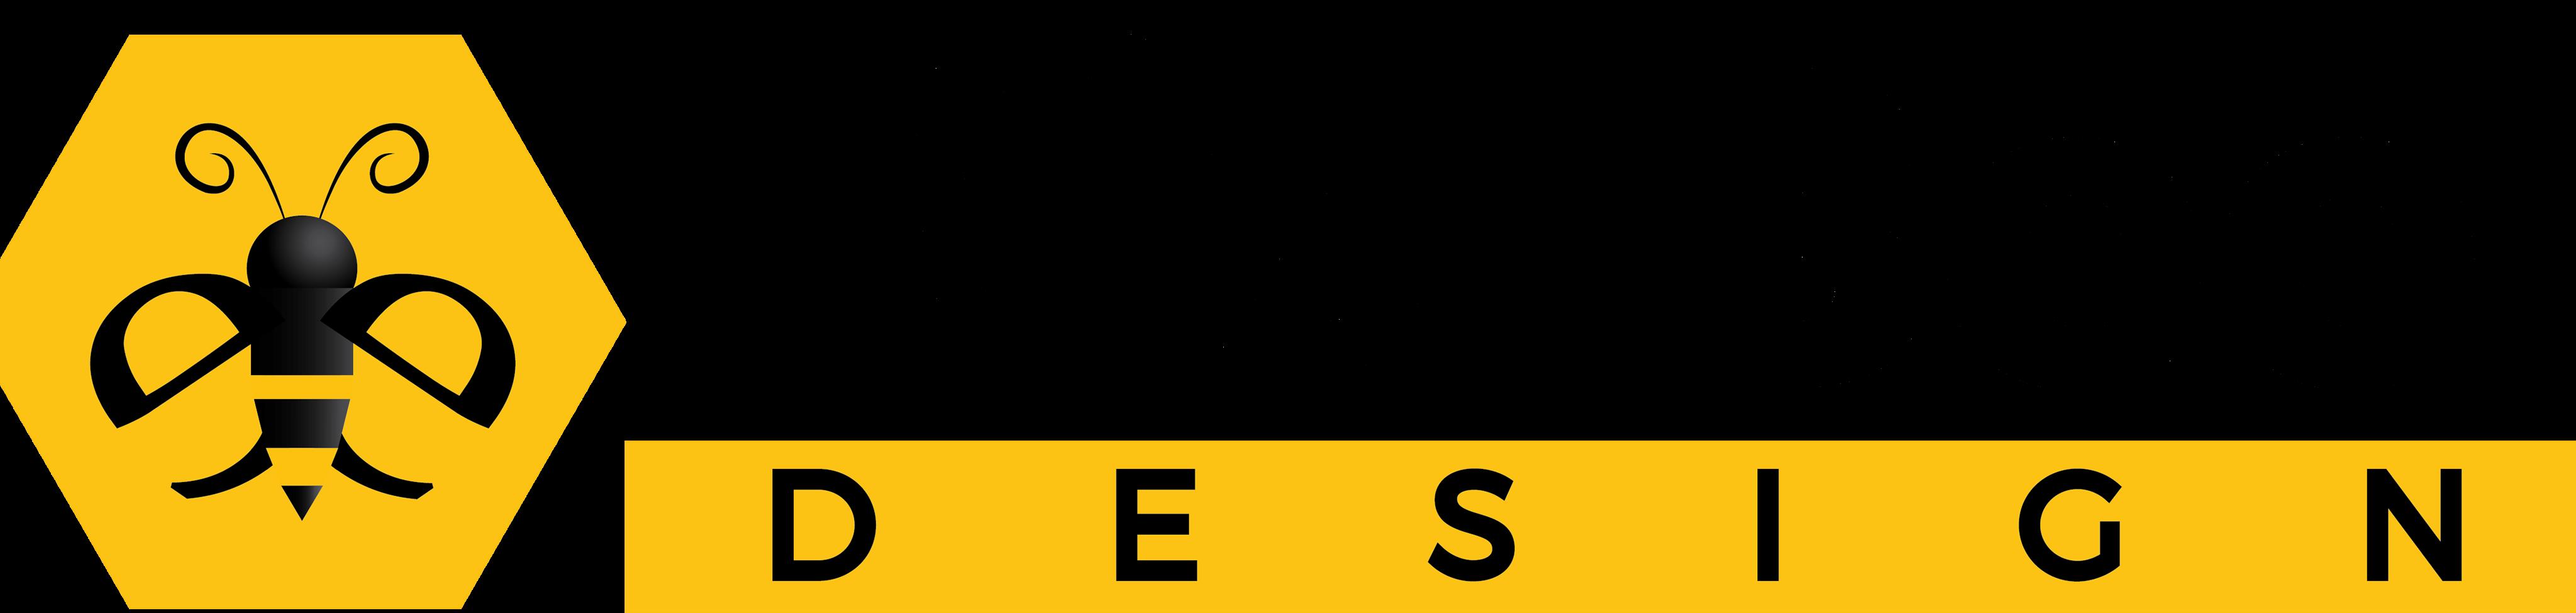 Pix-Bee-Design-Nelly-Murariu